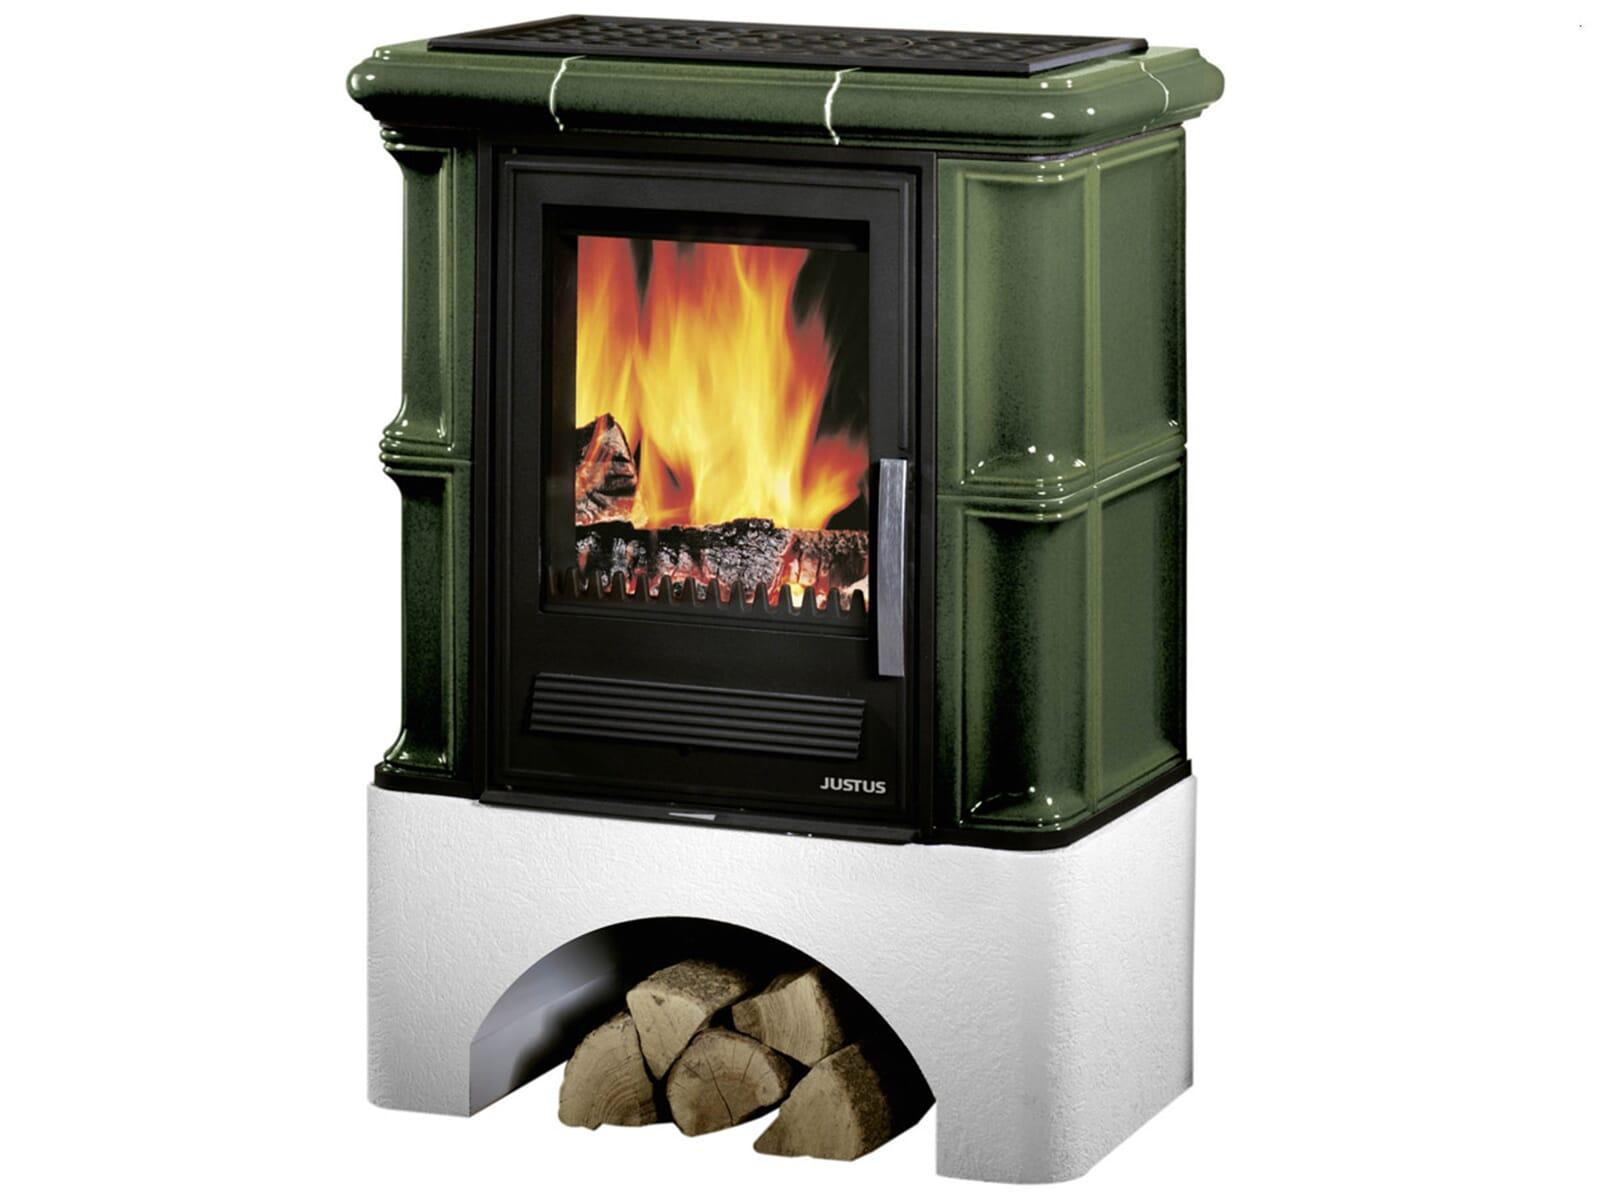 justus bavaria 634752 kaminofen kachel gr n 4250340904469 ebay. Black Bedroom Furniture Sets. Home Design Ideas